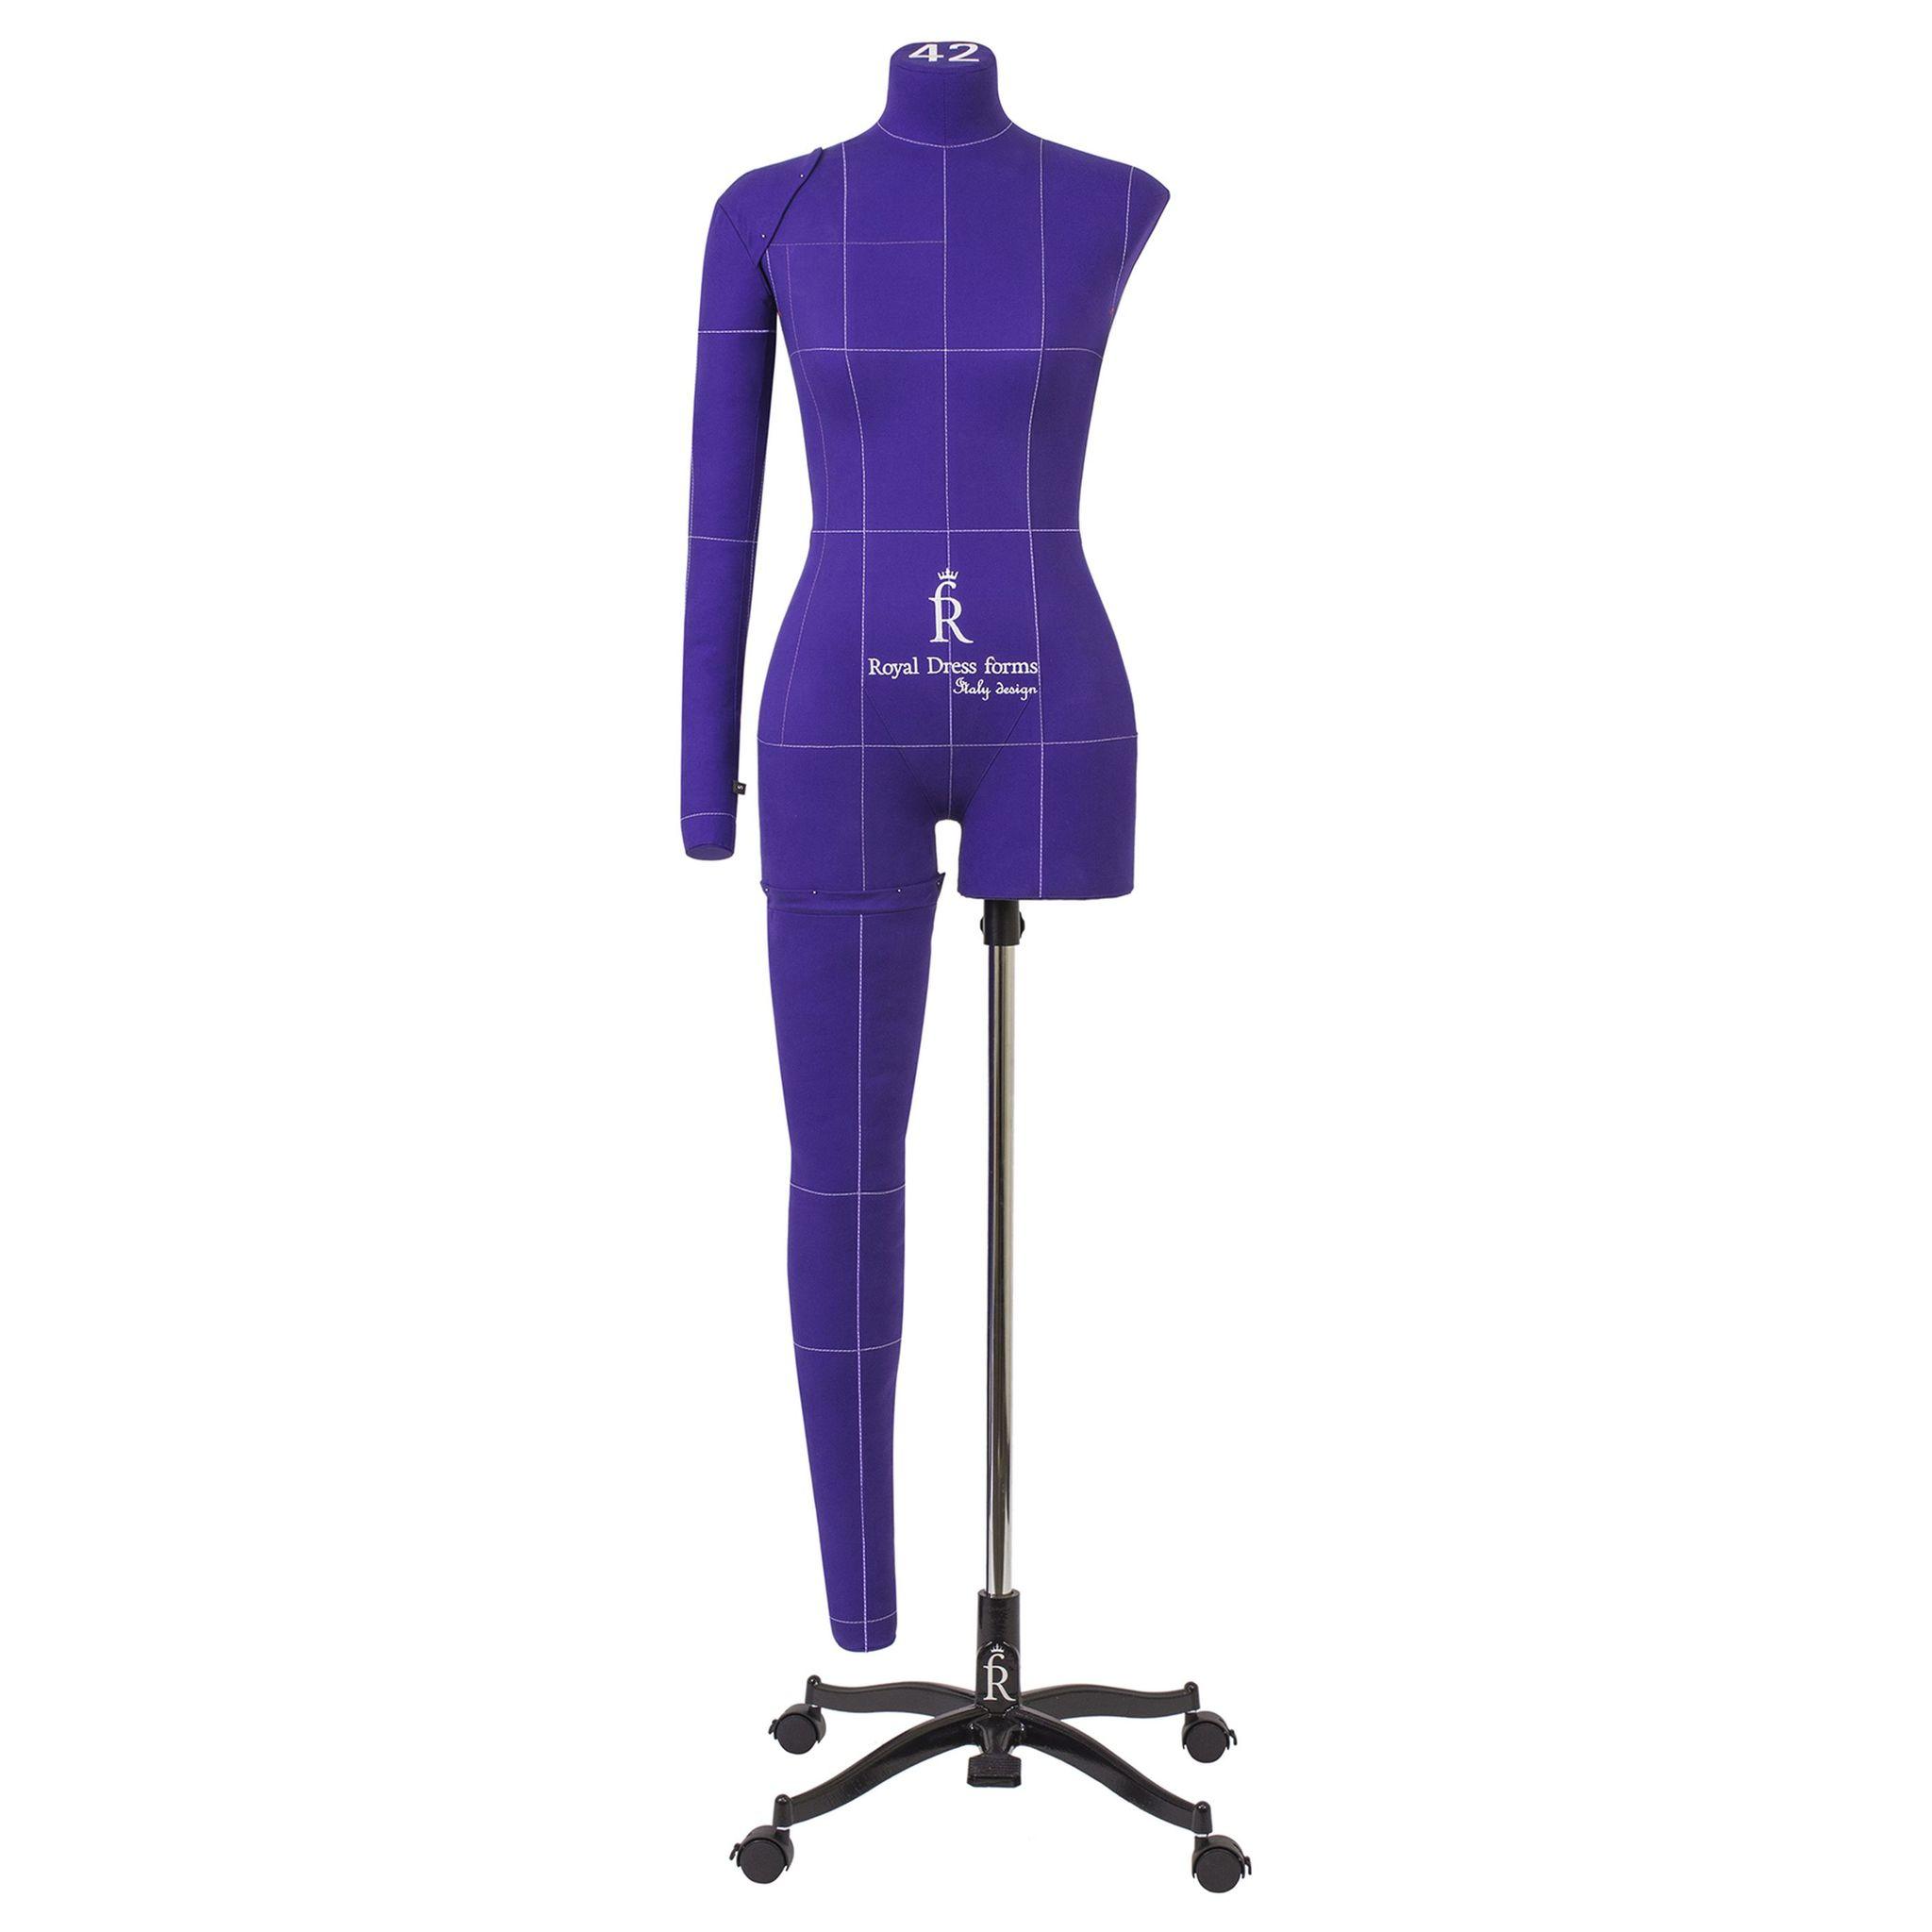 Манекен портновский Моника Арт, фиолетовый, 44 размер